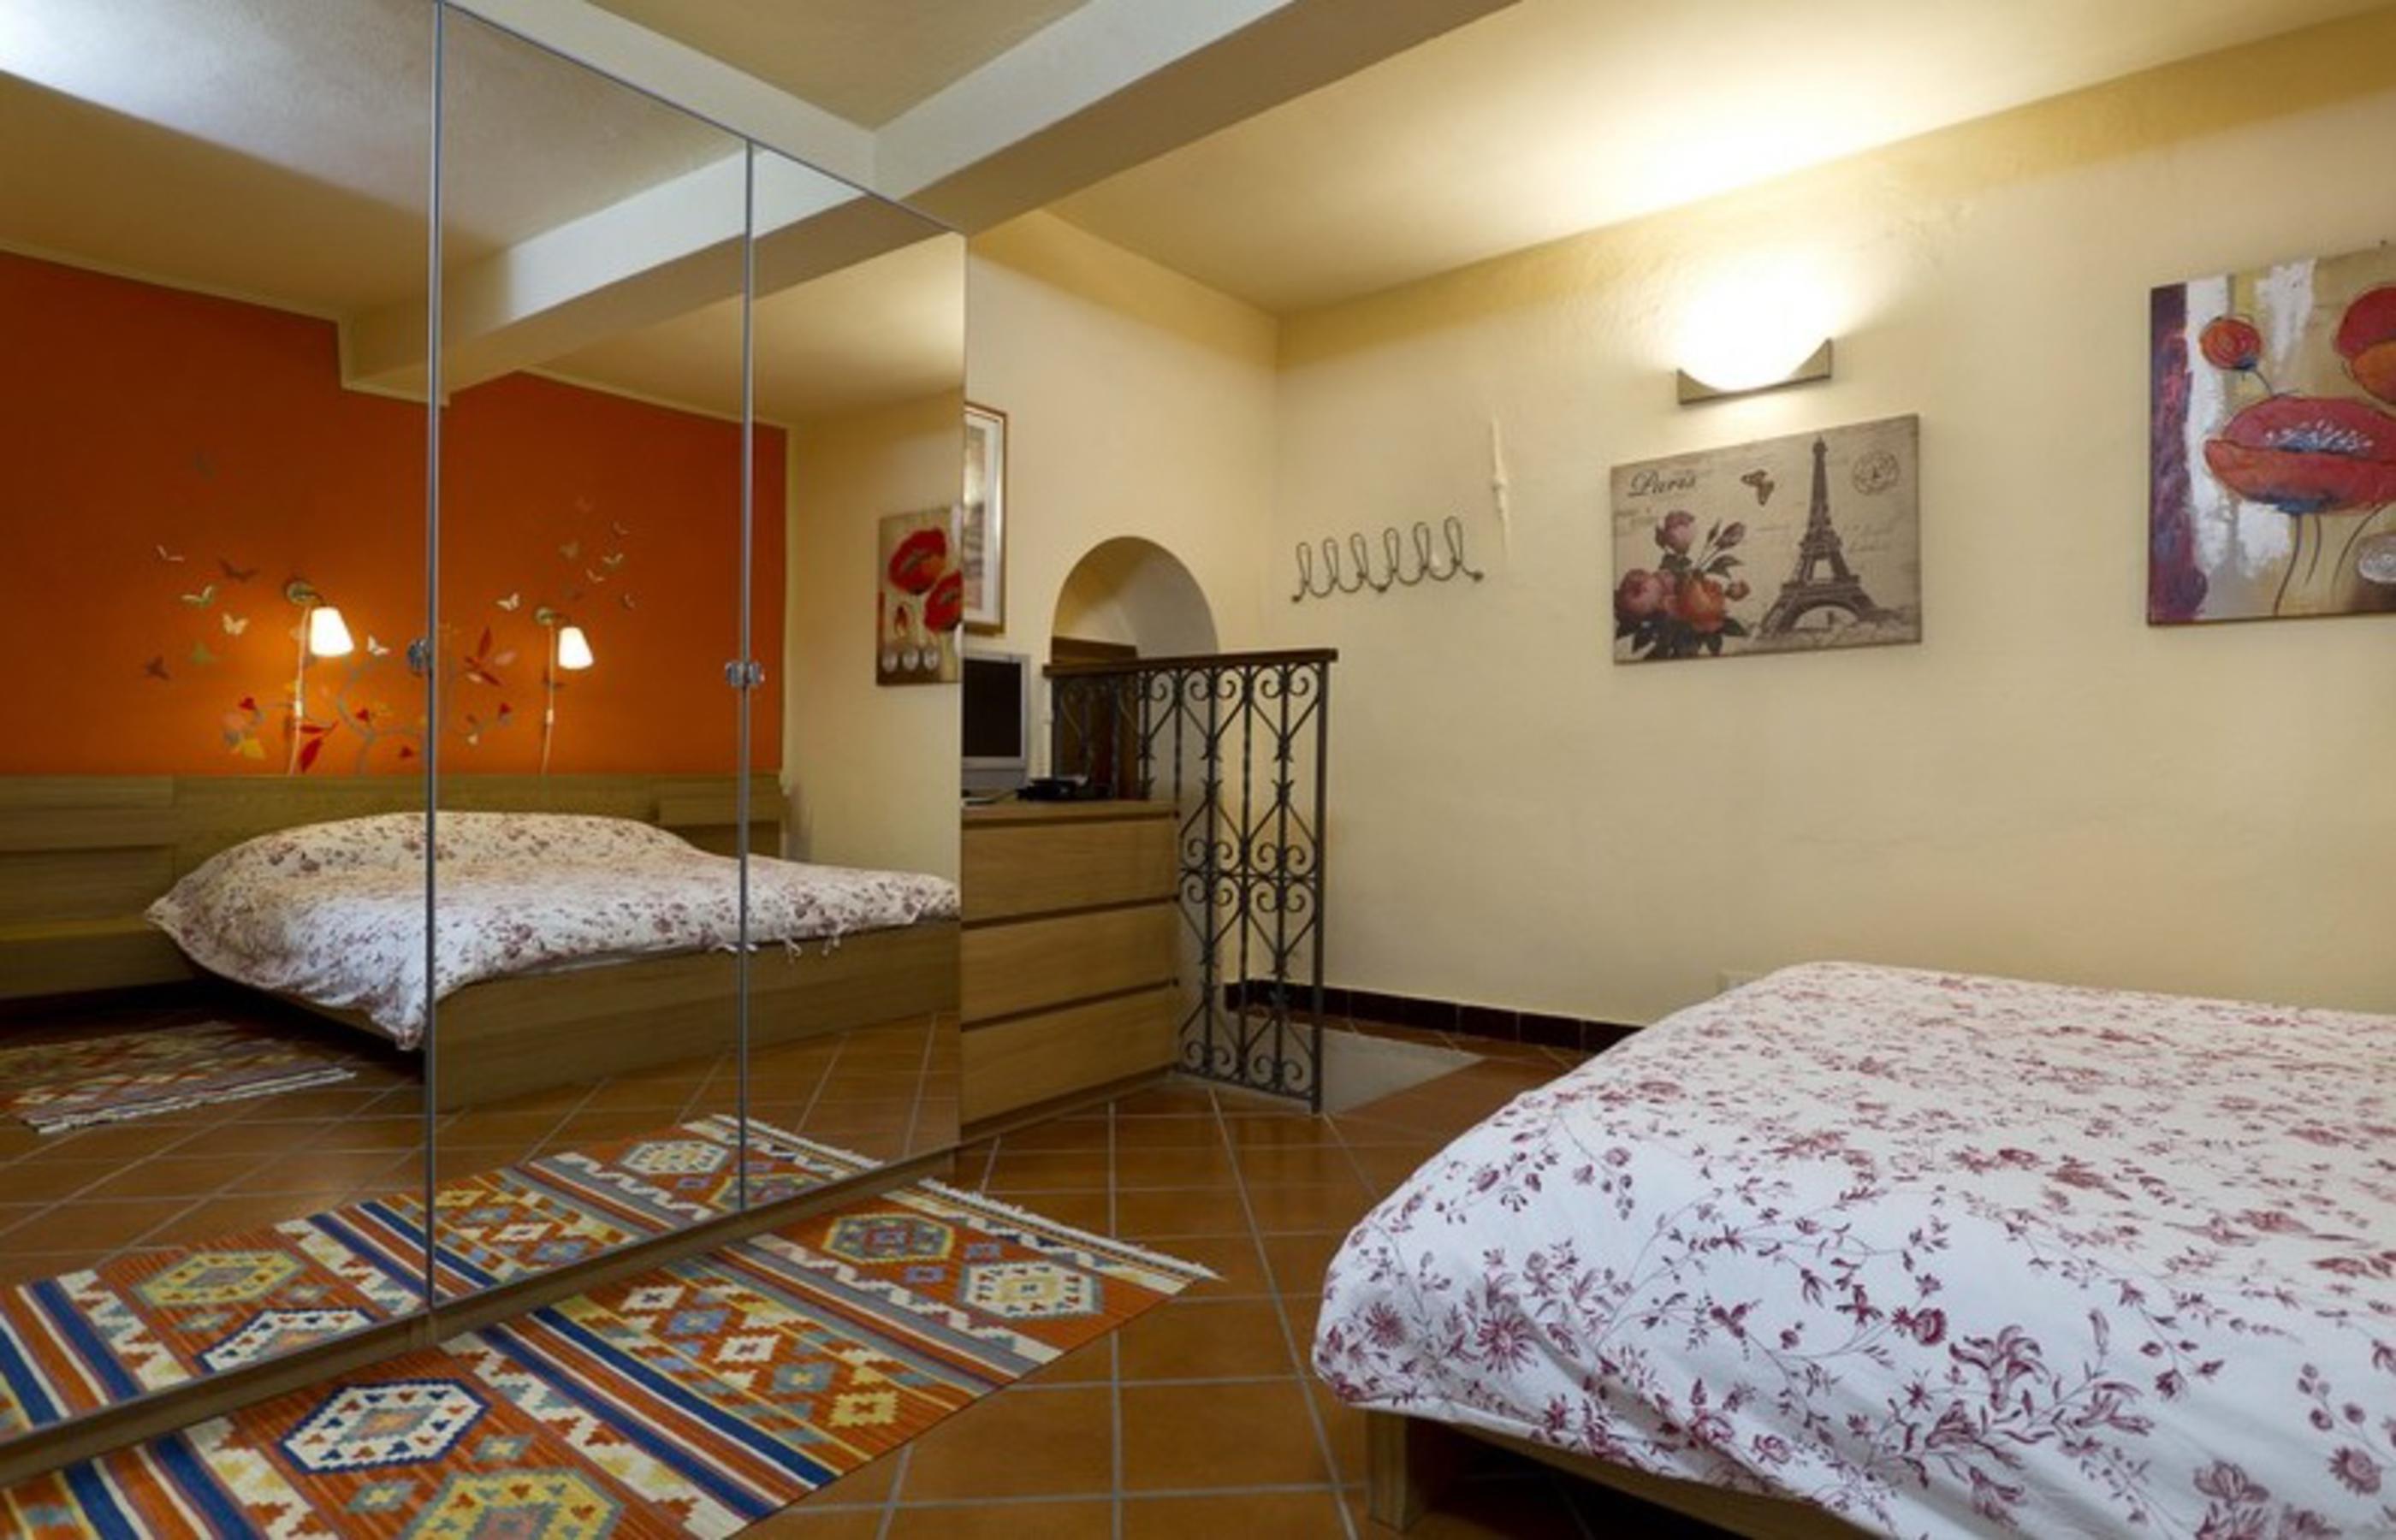 Dolcenotte camera con bagno e balcone ortalloggi - Camera con bagno ...